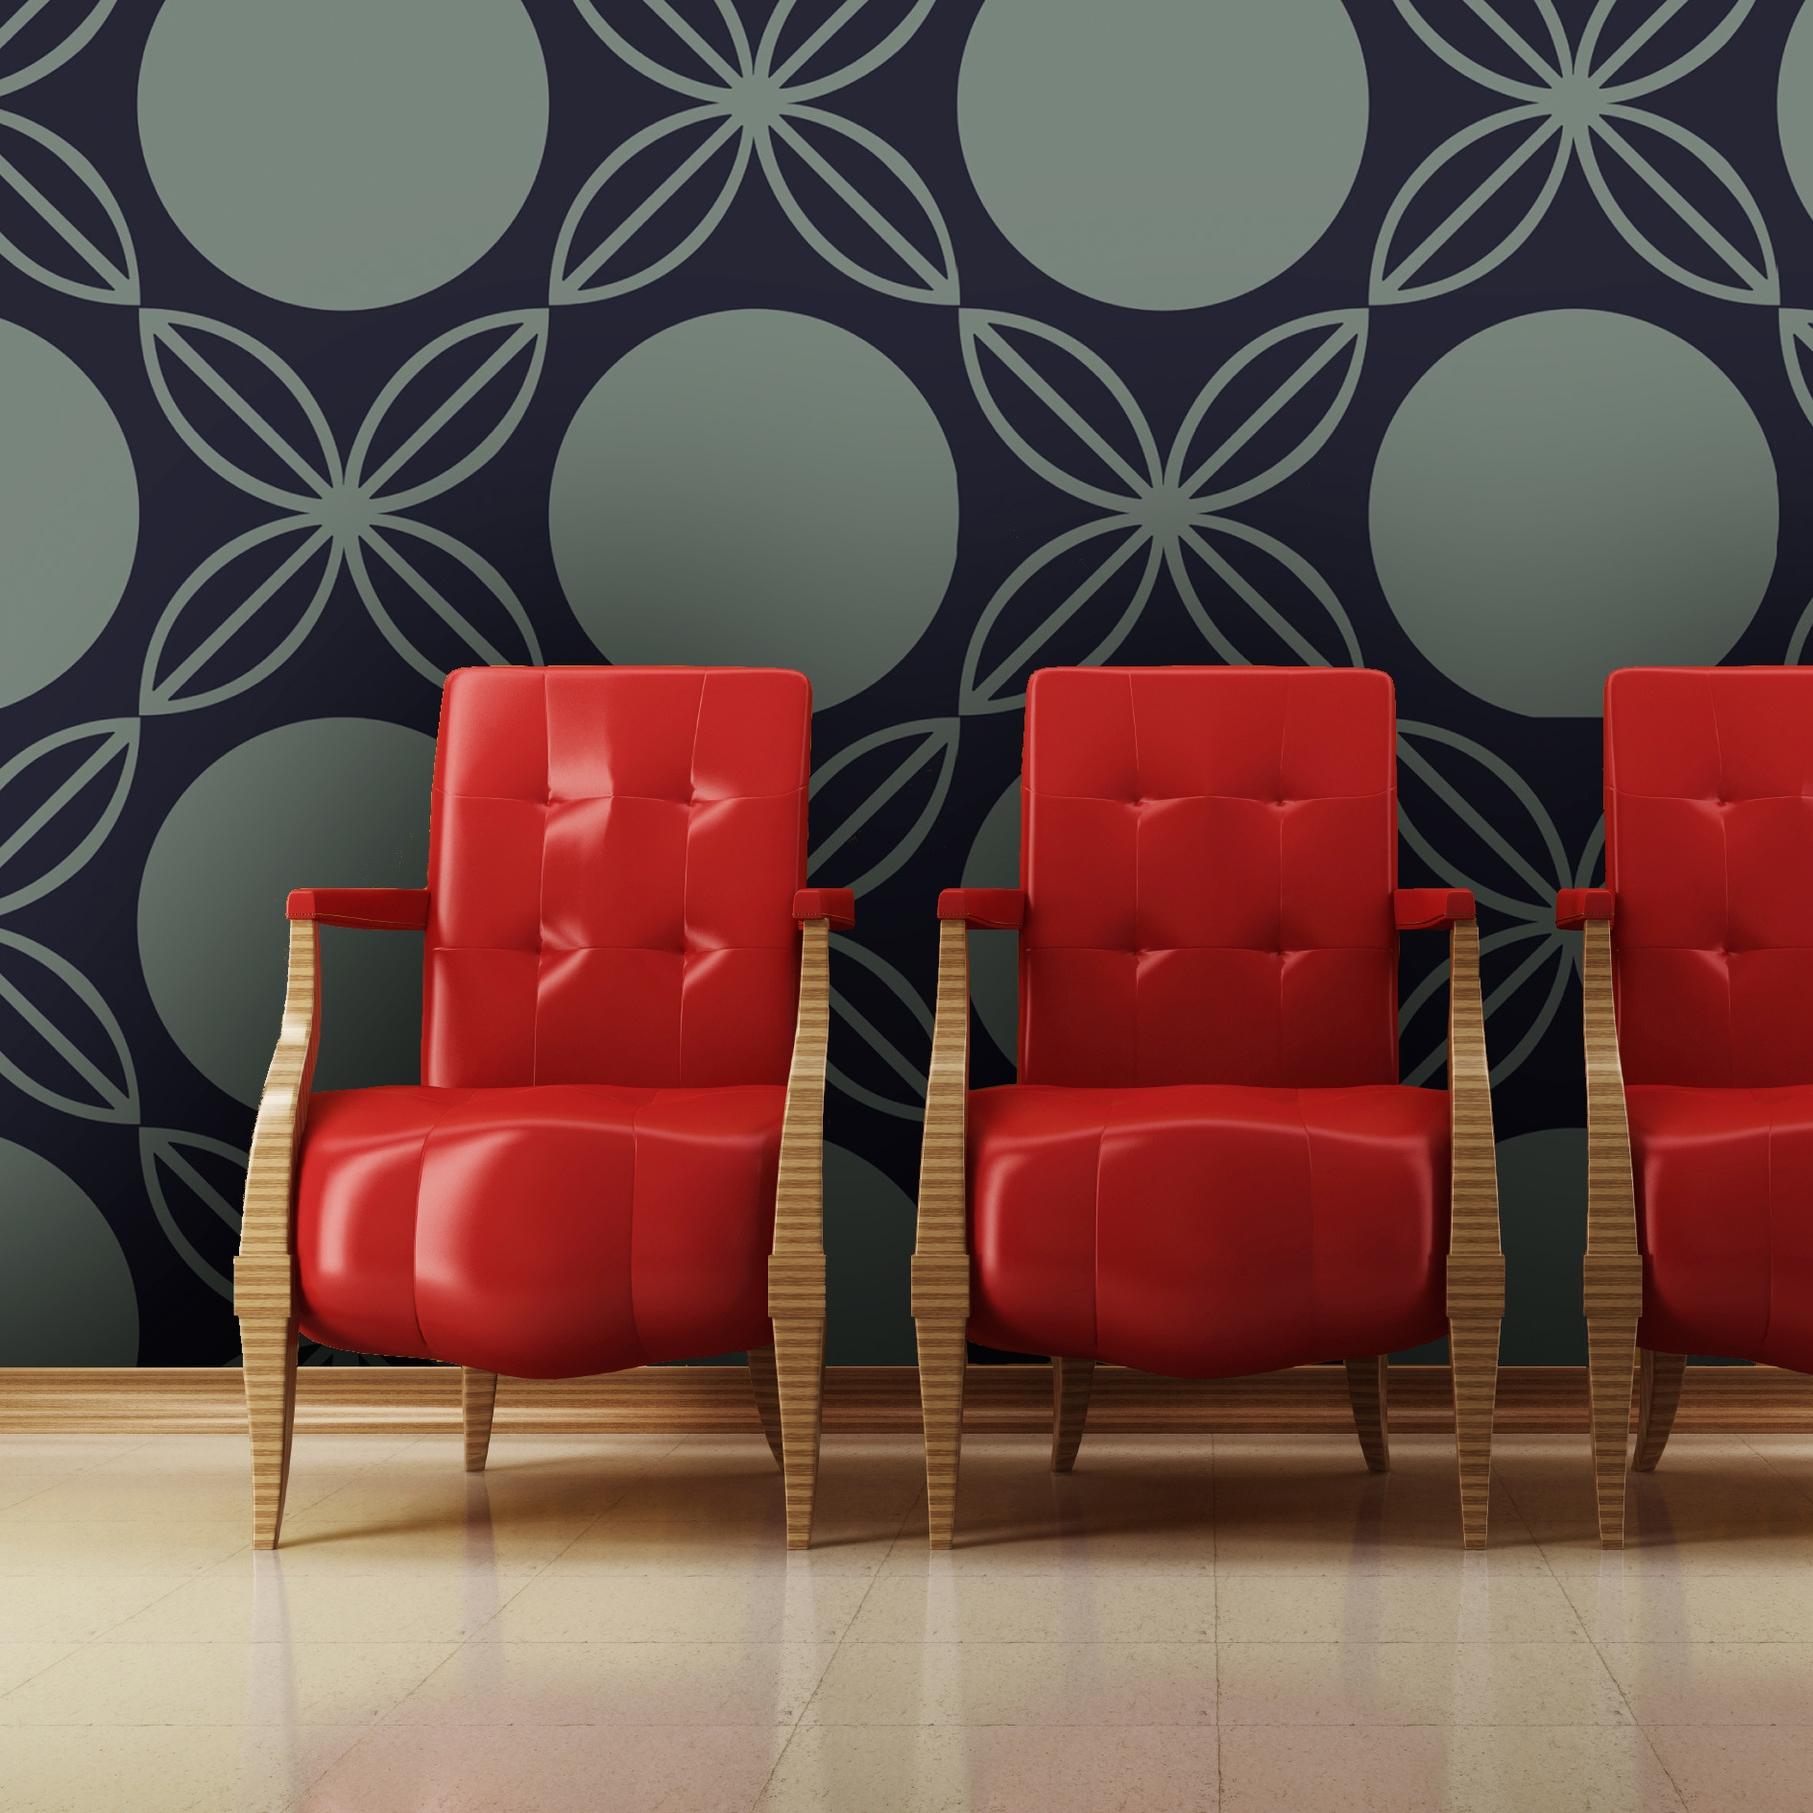 3-Red-Chairs-BIG-SALLY-pumice.jpg